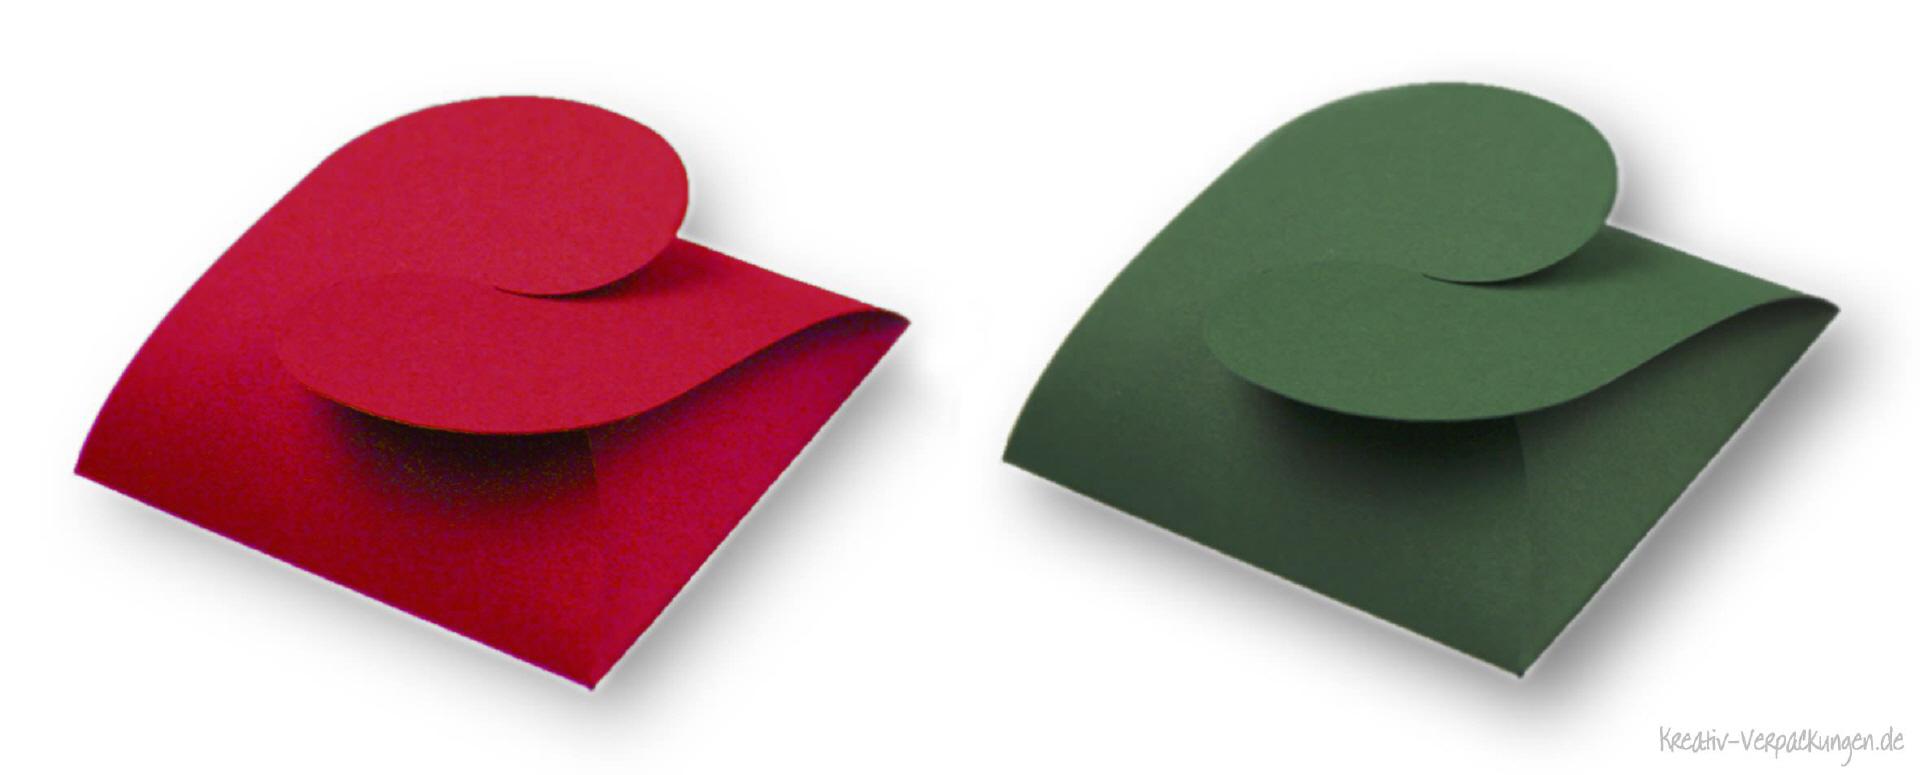 geschenkverpackungen geschenkboxen verpackungen. Black Bedroom Furniture Sets. Home Design Ideas